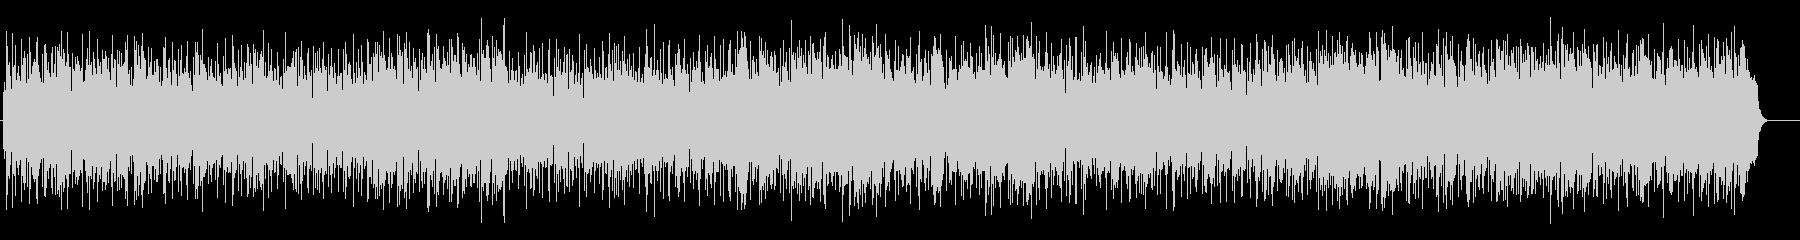 夜のピアノフュージョン(フルサイズ)の未再生の波形